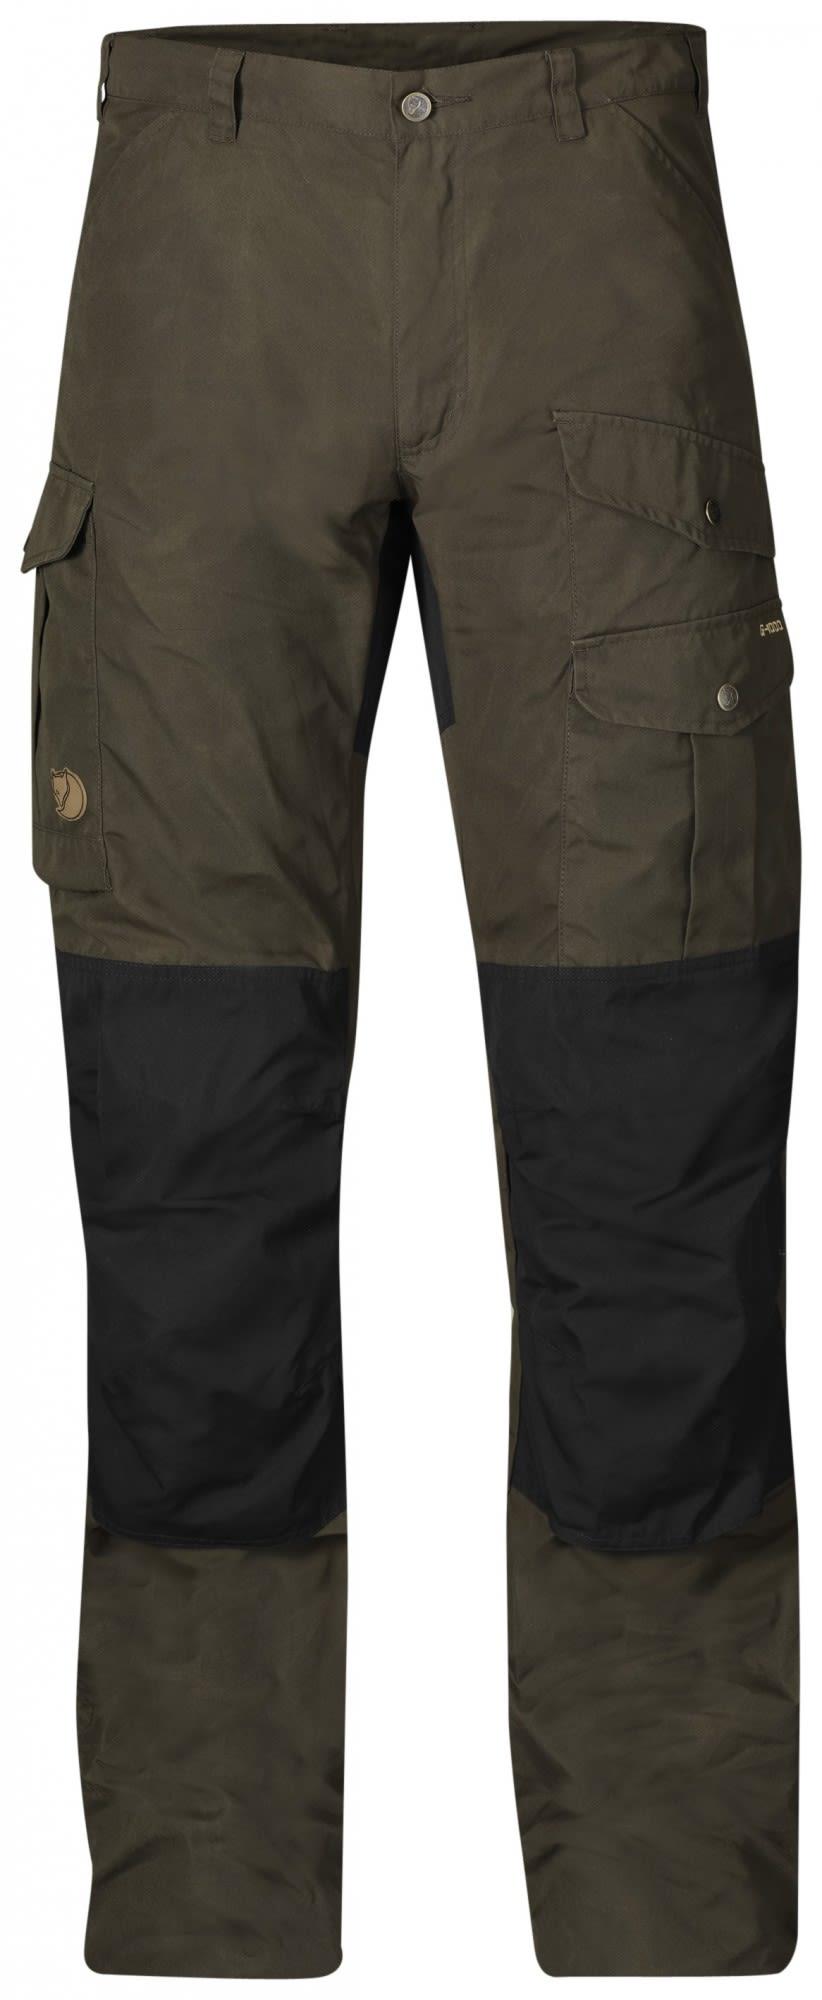 Fjällräven Barents Pro Trousers Long Oliv, Male G-1000® Hose, 44